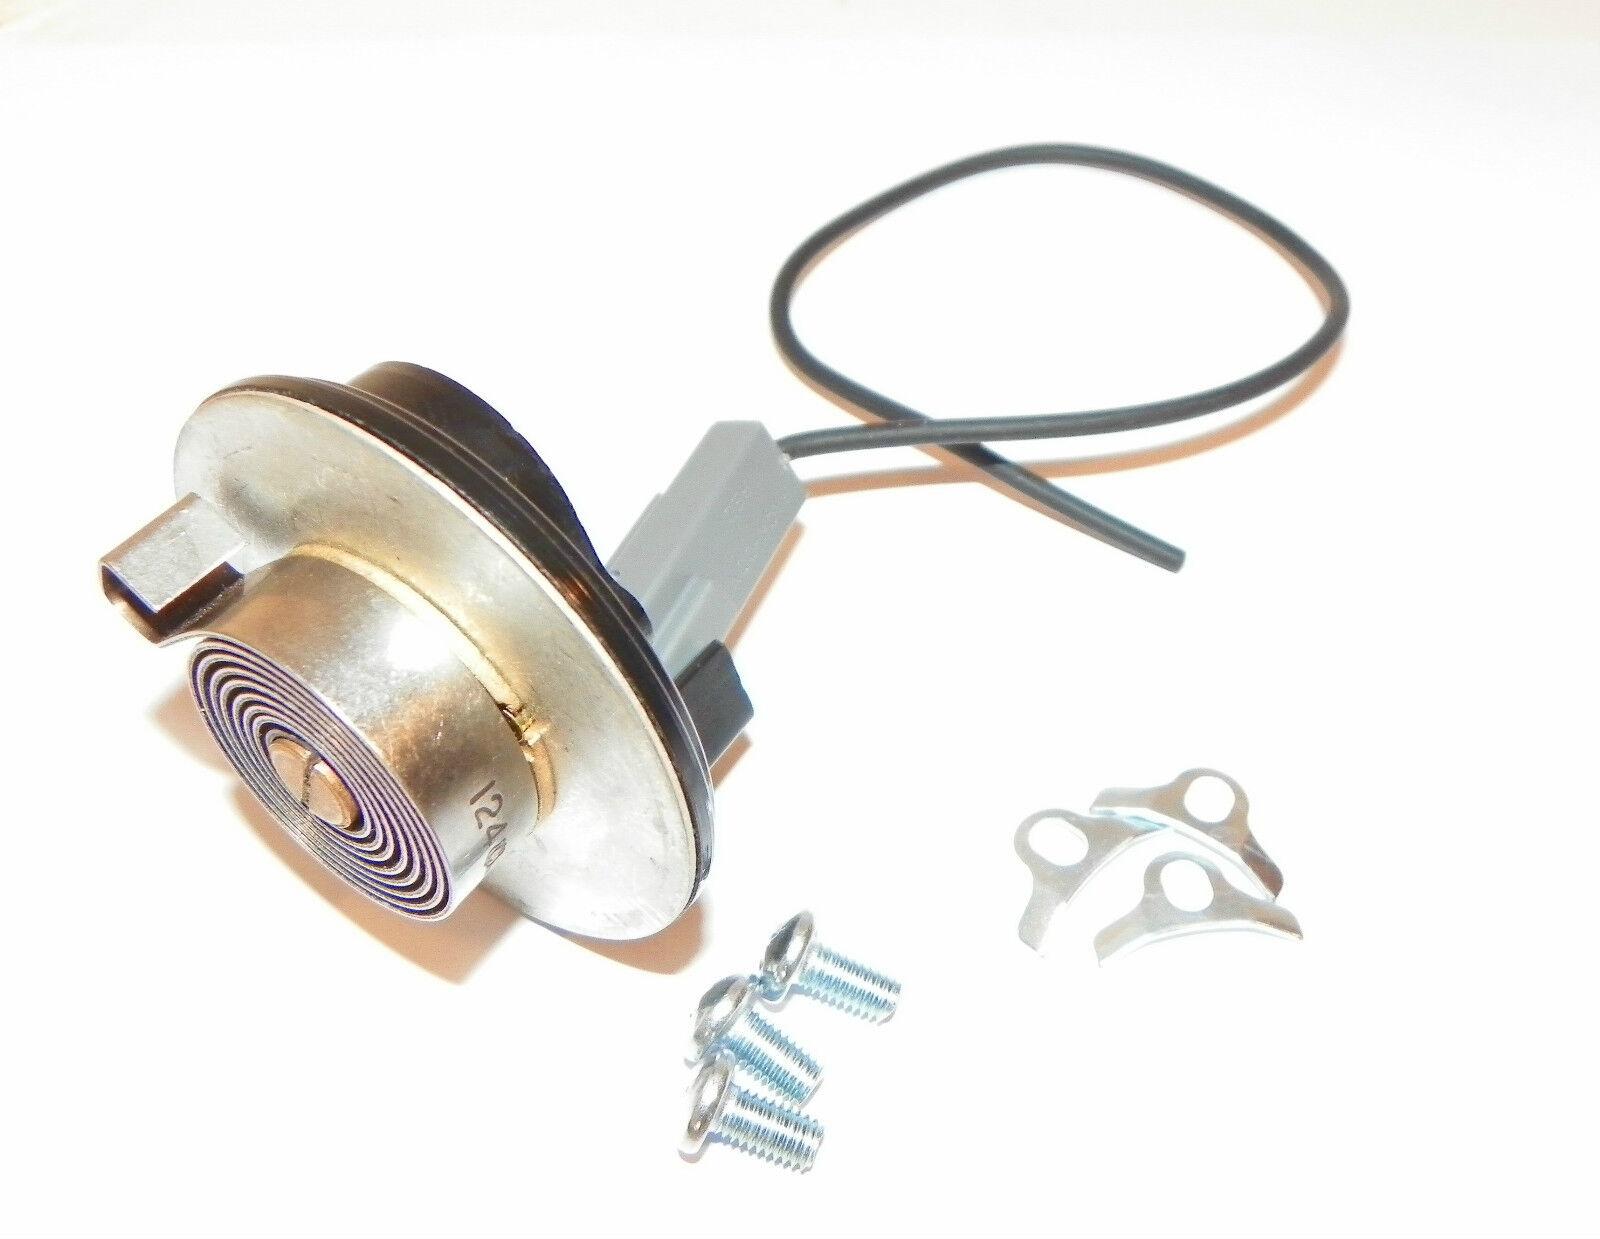 Electric Choke Kit Rochester Quadrajet Pig Tail Conn 2gc 4mc E4mc Thermostat